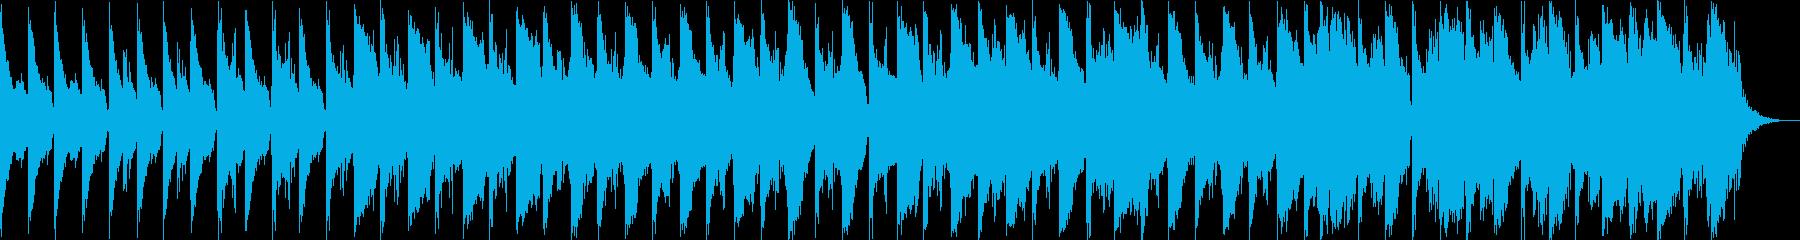 夜の埠頭サスペンスの再生済みの波形